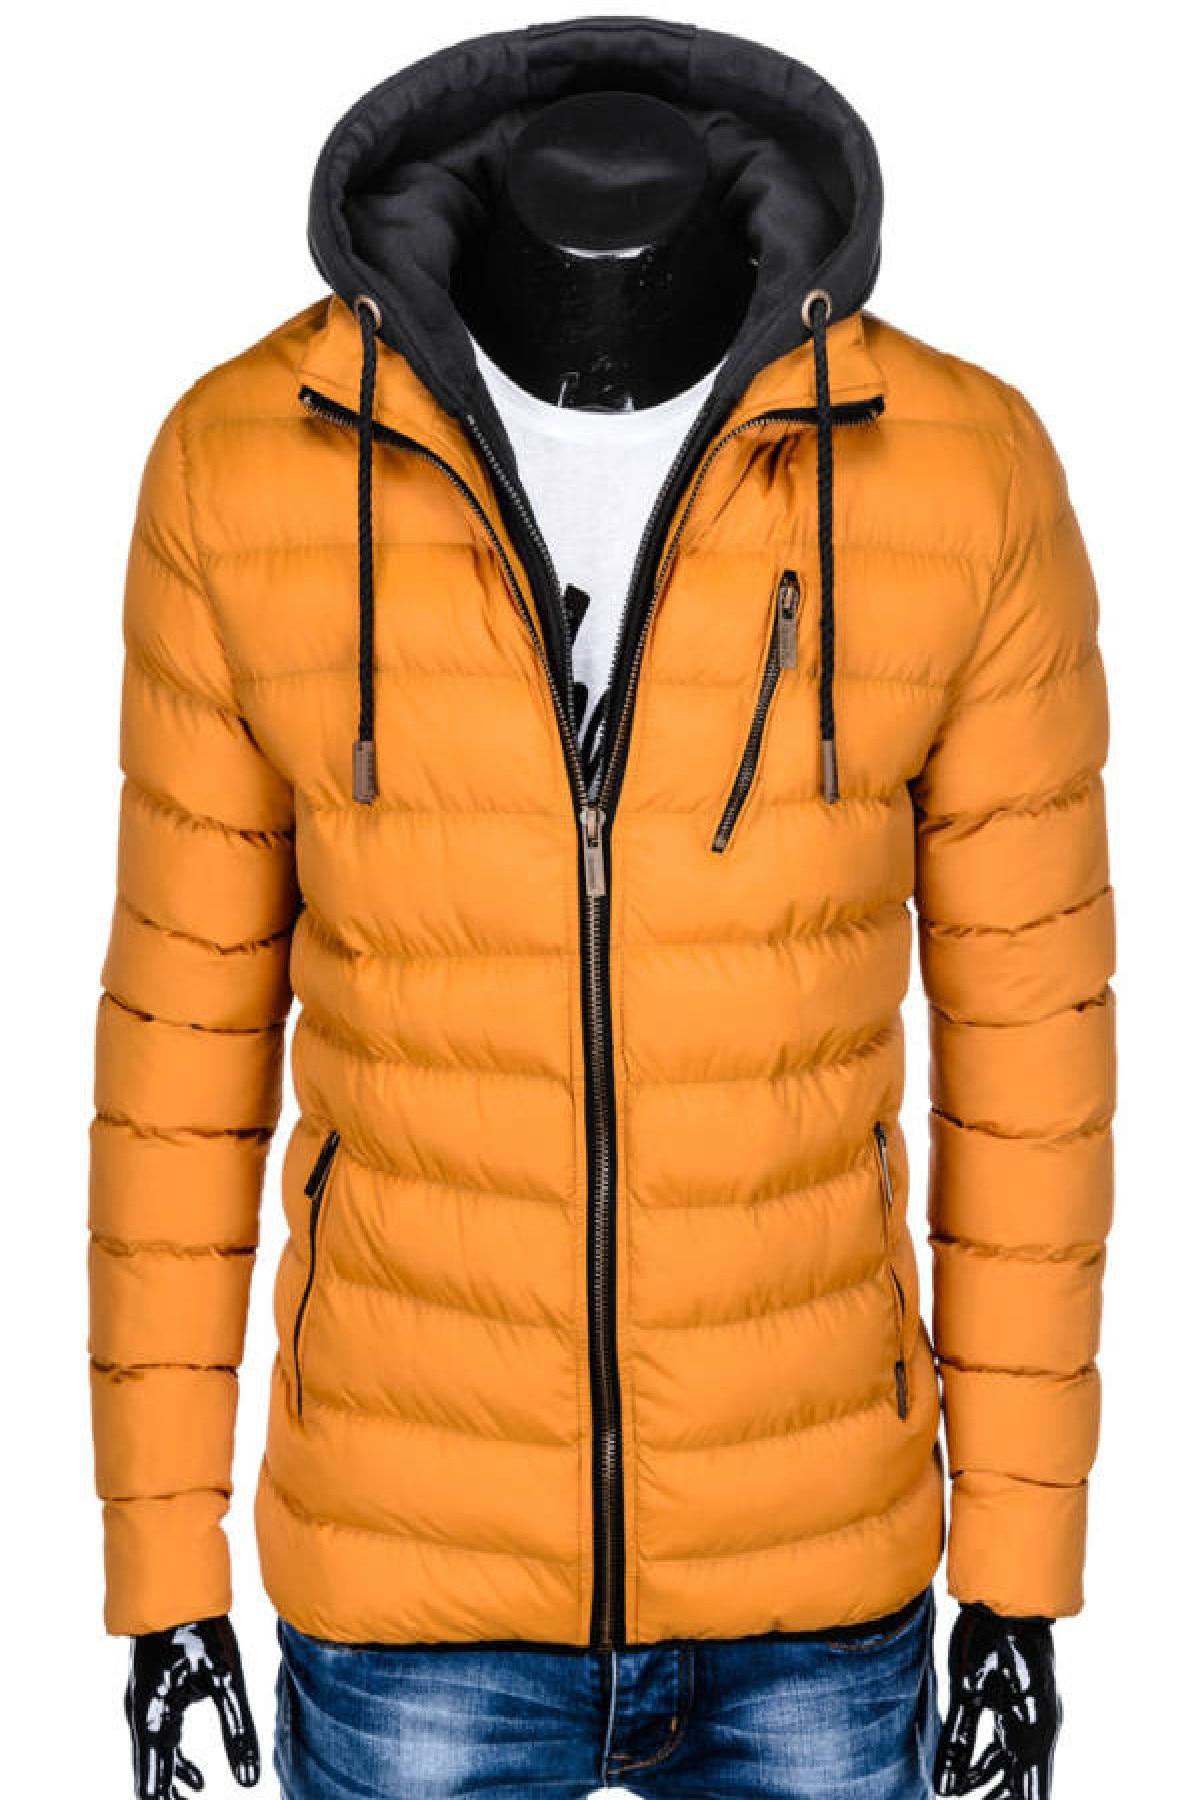 Férfi kabátok, dzsekik és mellények Anyag Egyéb eMAG.hu